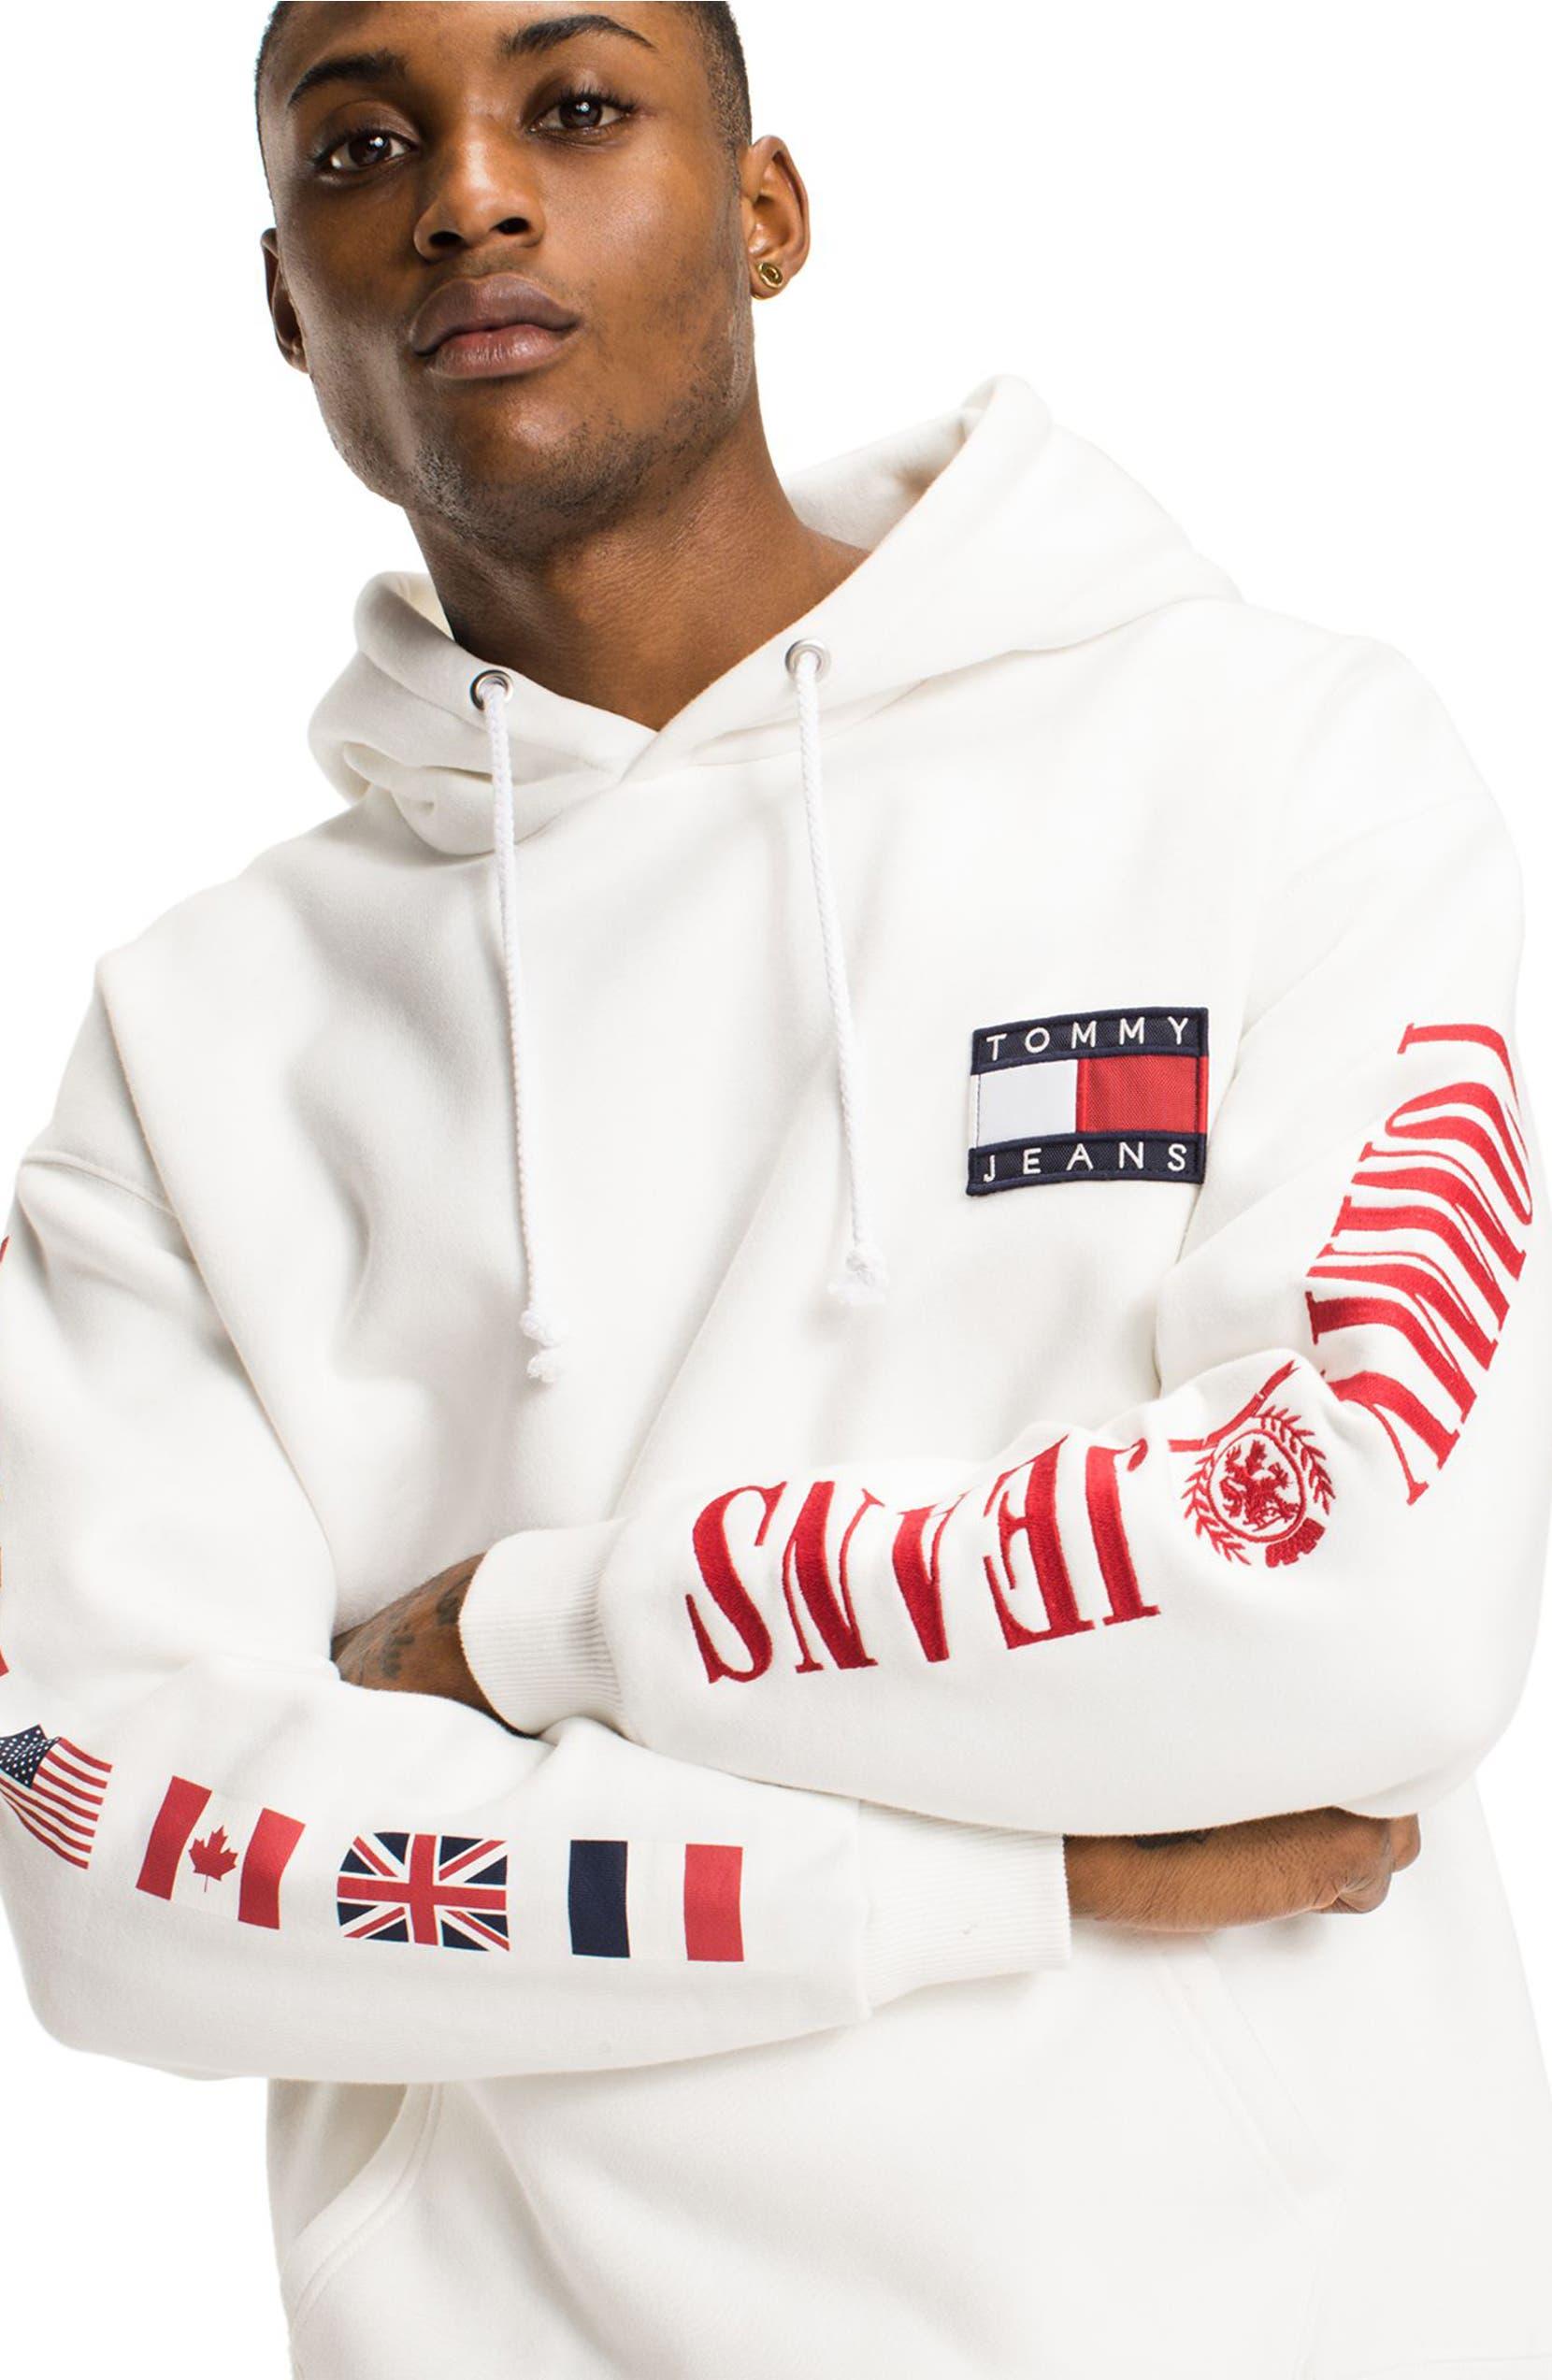 da0eb4f3dba Tommy Hilfiger Flag Sweatshirt - About Flag Collections